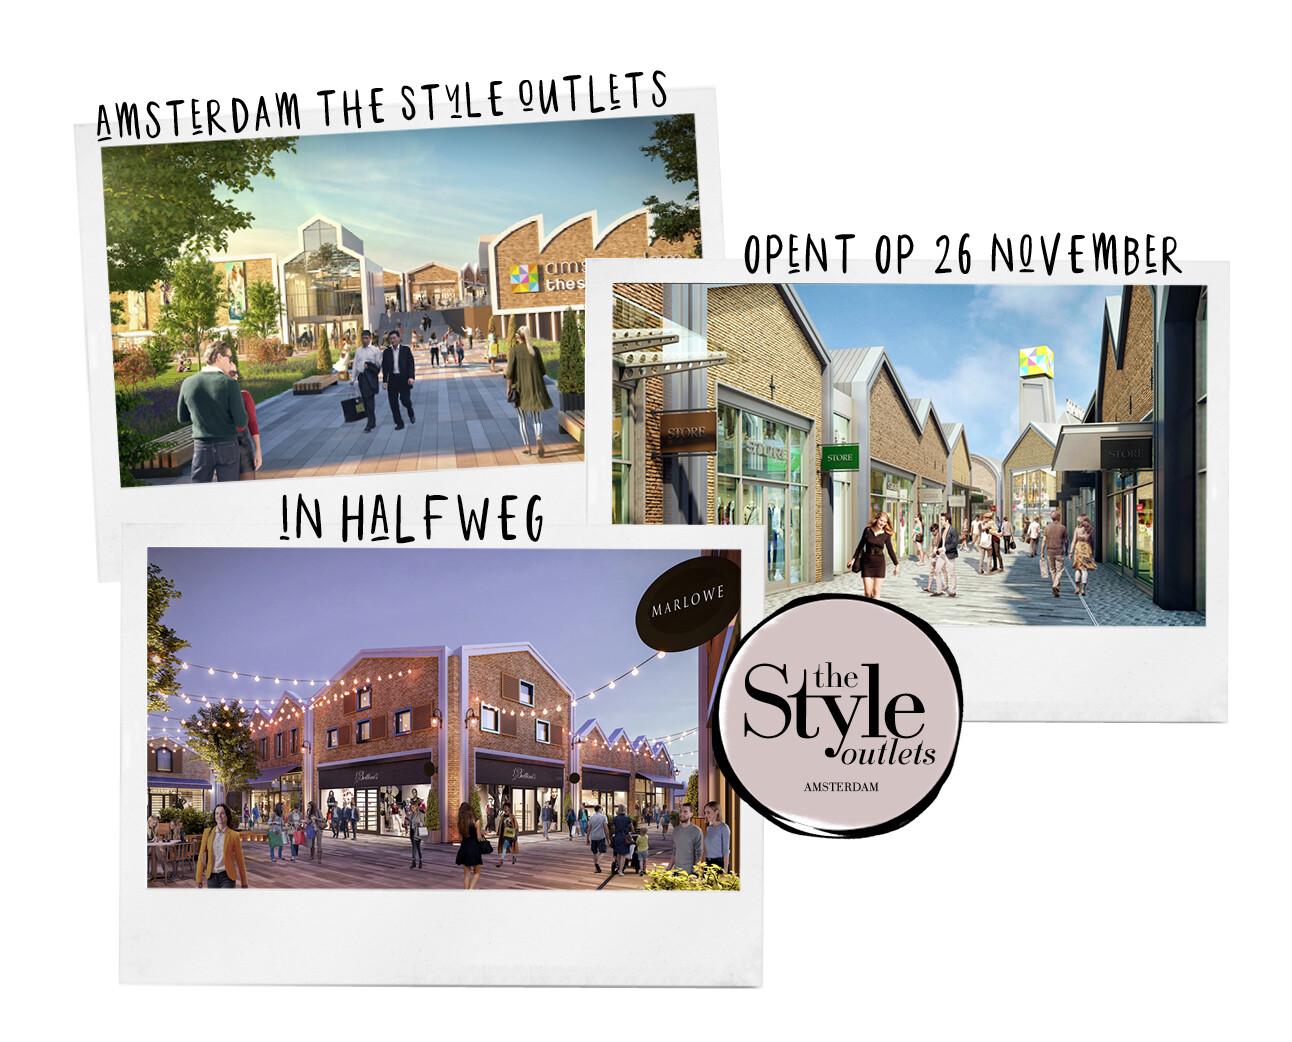 the-style-outlets-amsterdam-halfweg-opent-26november-amayzine